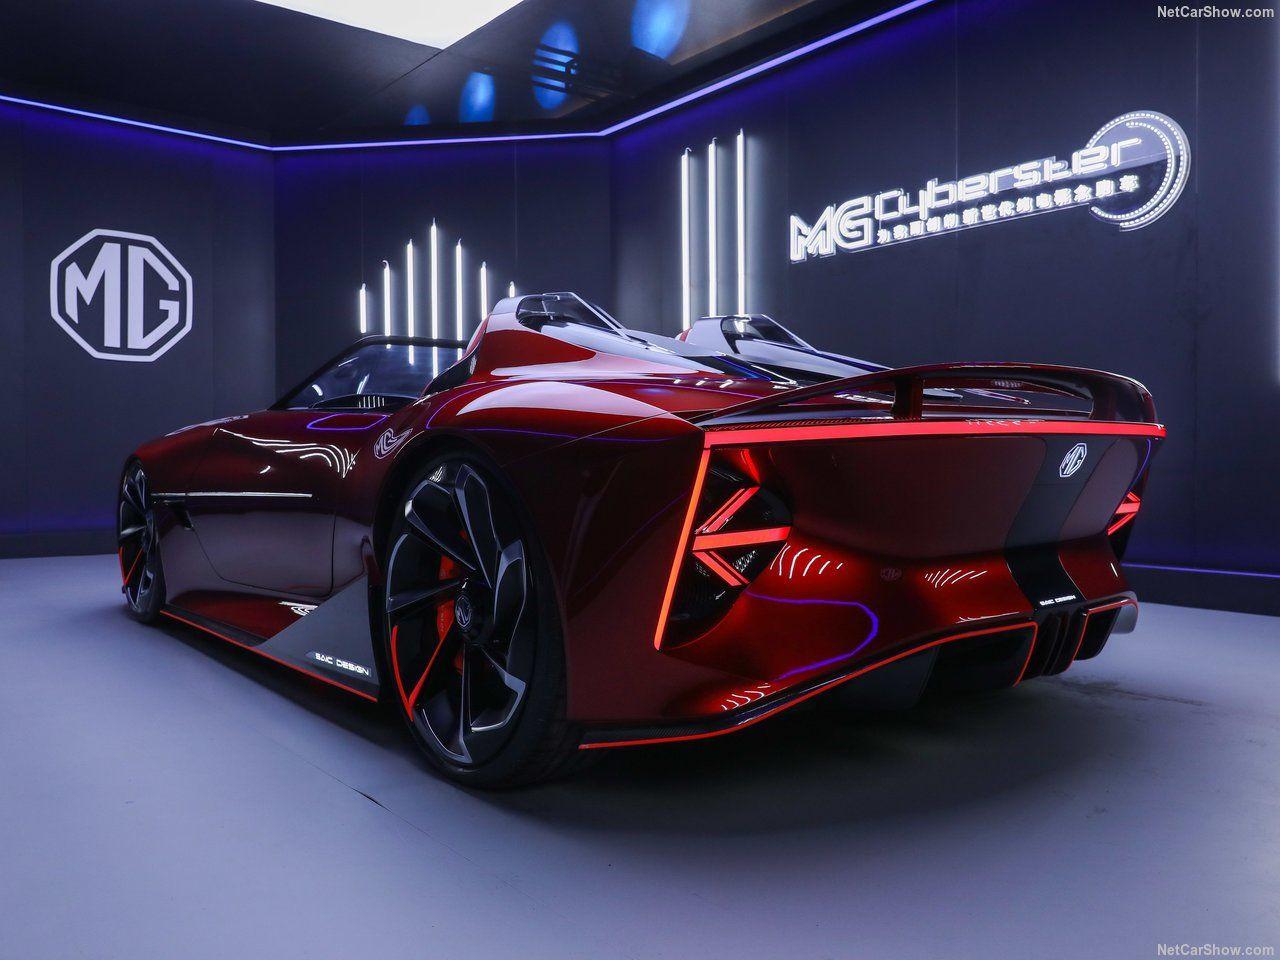 MG Cyberster ile geleceğe dönüş! 3 saniyede 100 kilometre hız - Sayfa 4